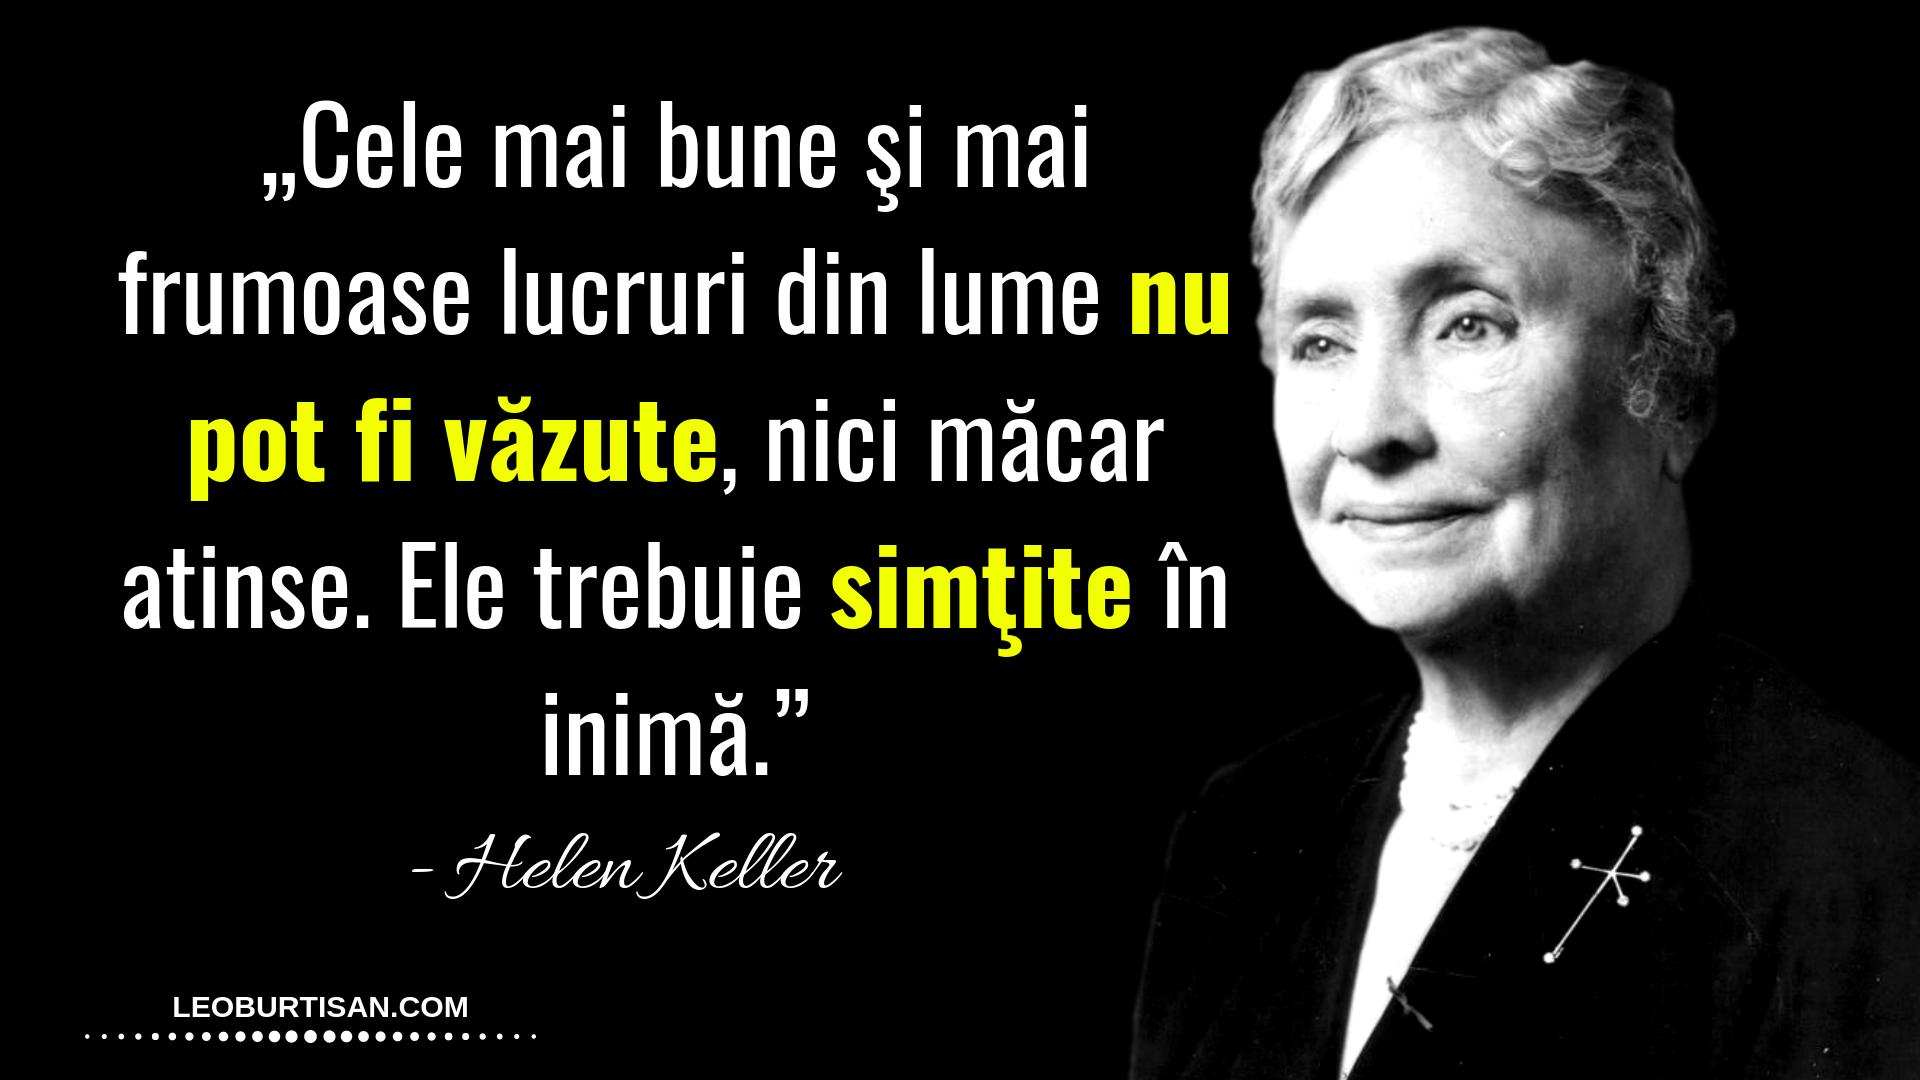 Helen Keller – 13 Citate Despre Fericire, Viziune Și Scop În Viață